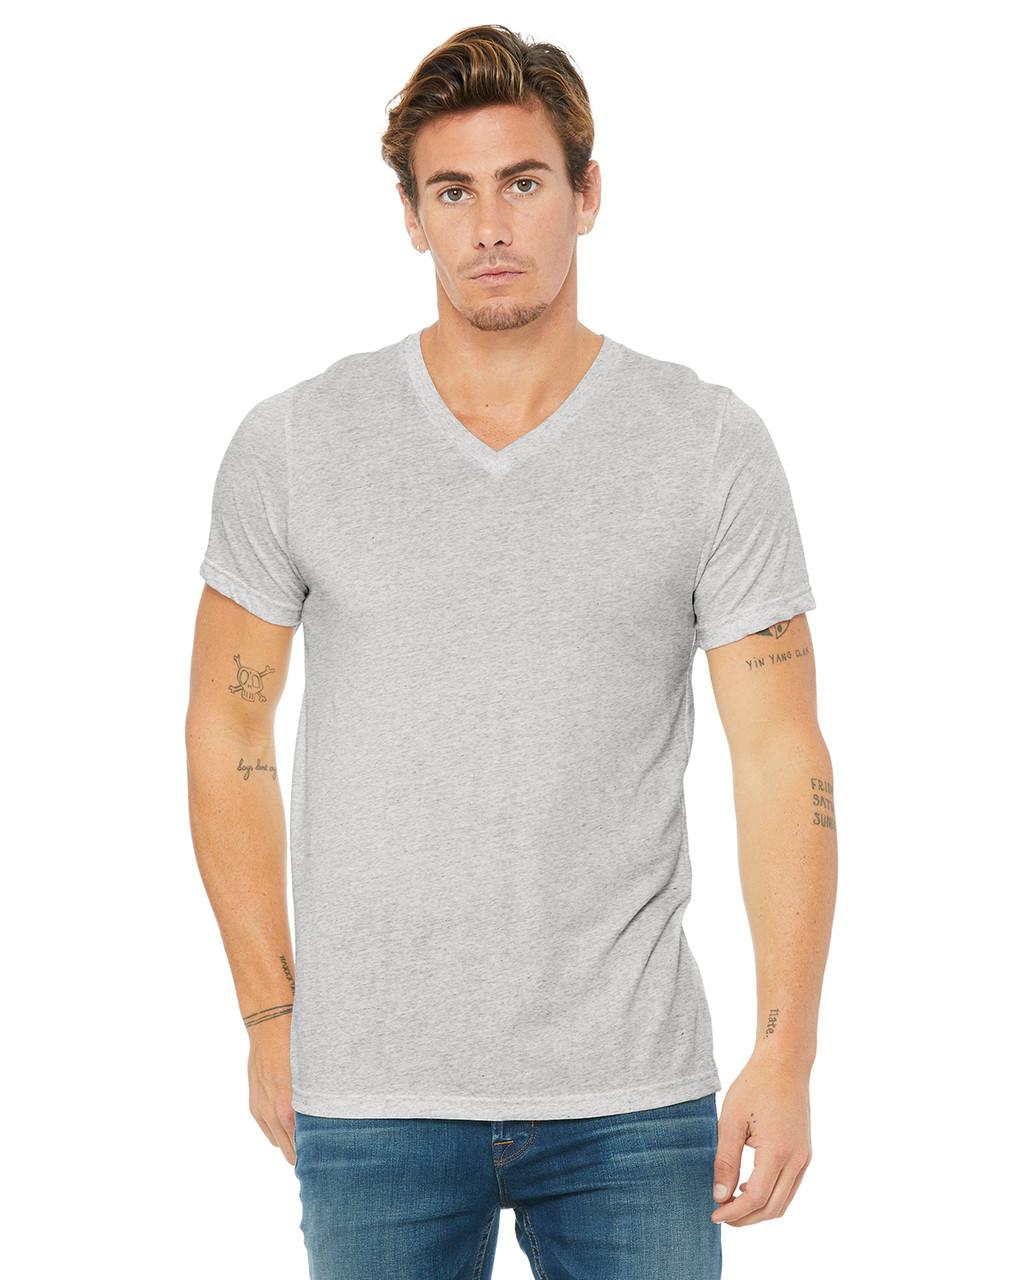 aba681768 Bella + Canvas 3415C Unisex Triblend Short-Sleeve V-Neck T-Shirt -  ClothingAuthority.com